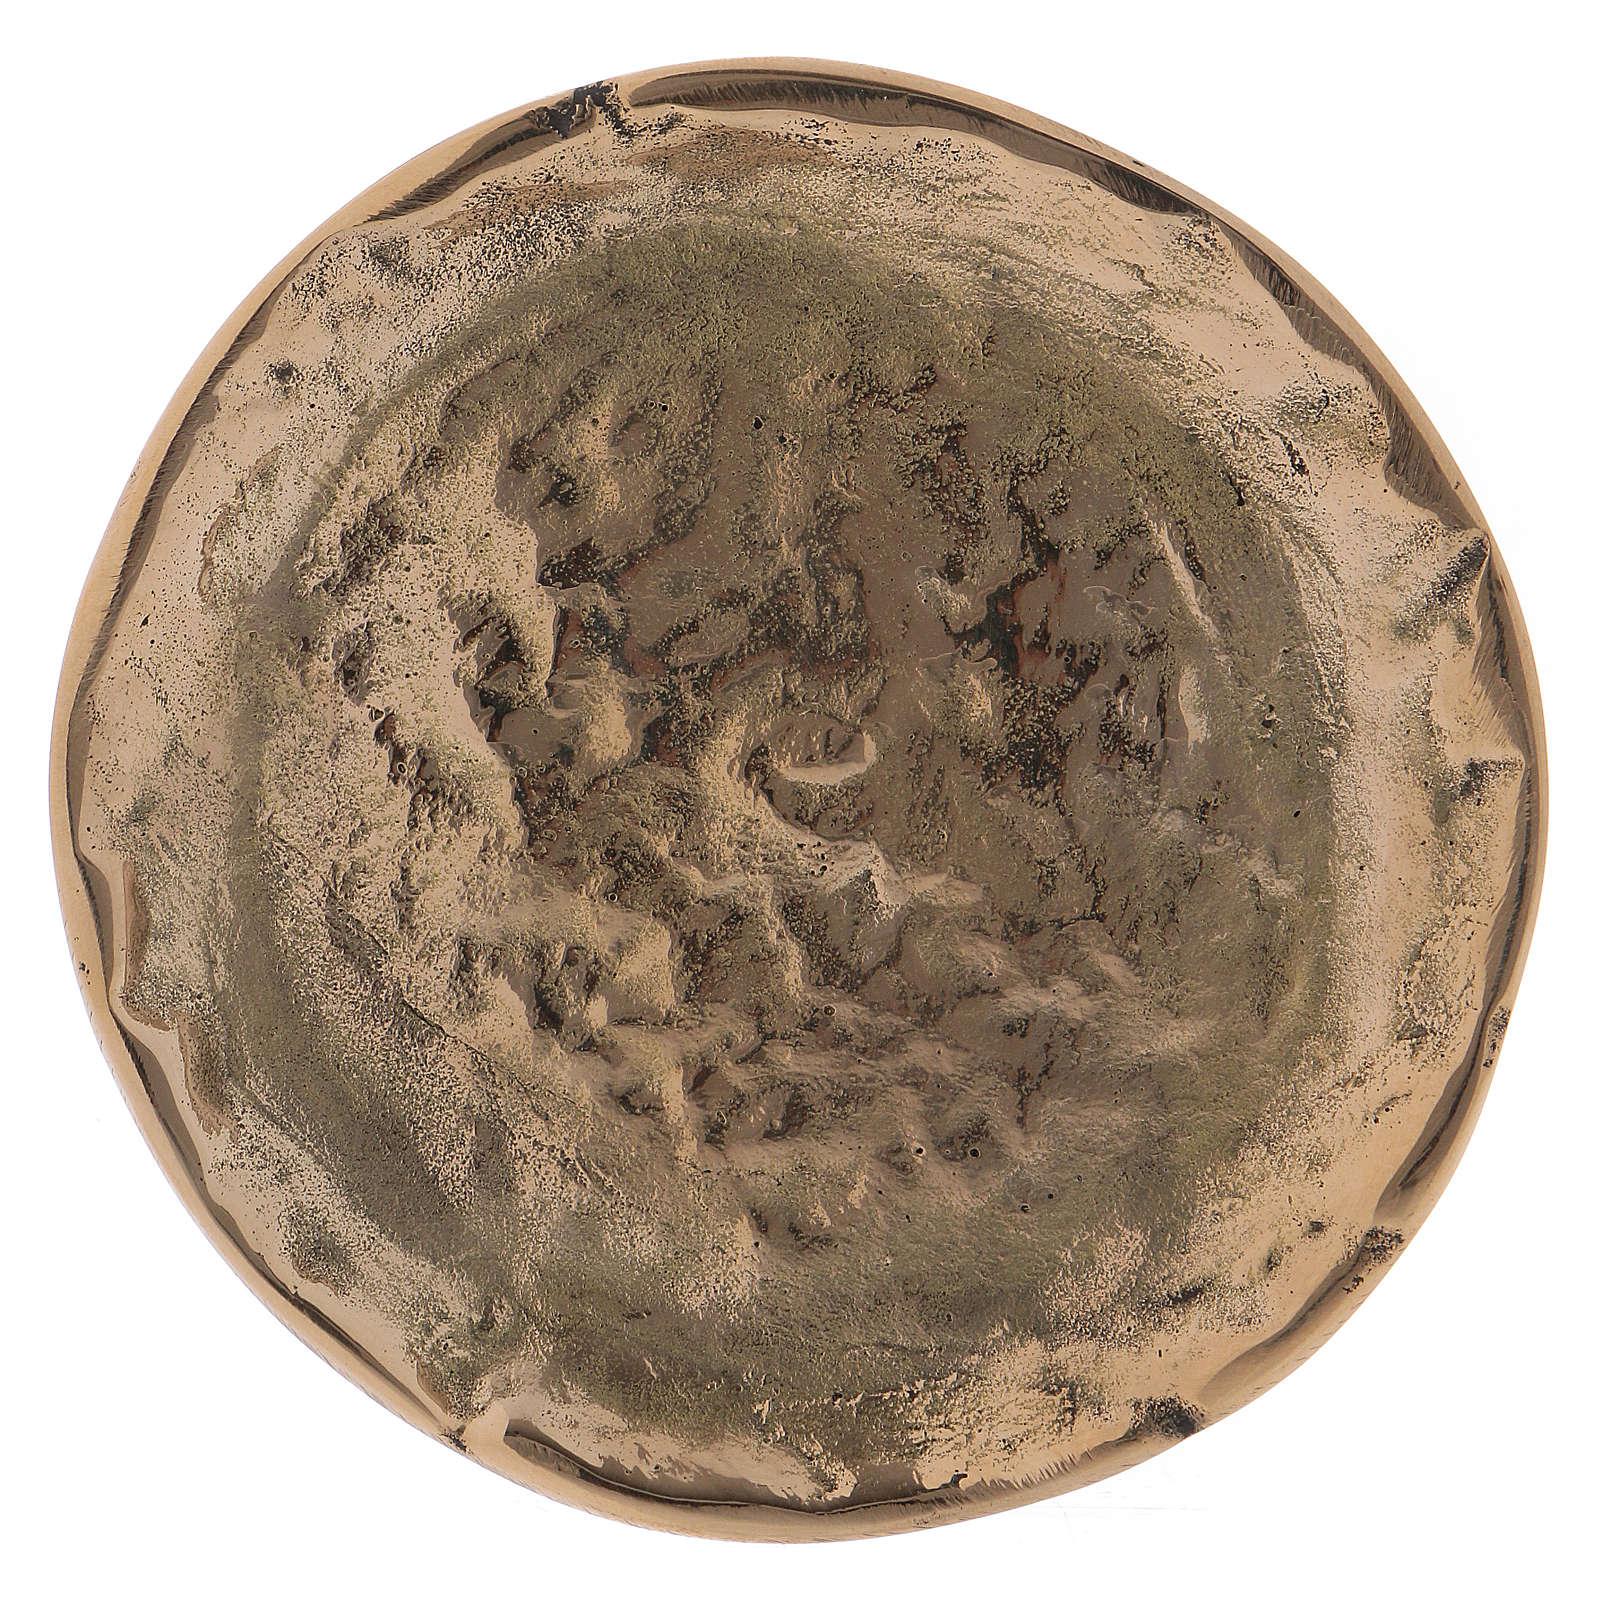 Portacandele ottone oro lucido interno effetto opaco 9 cm 3